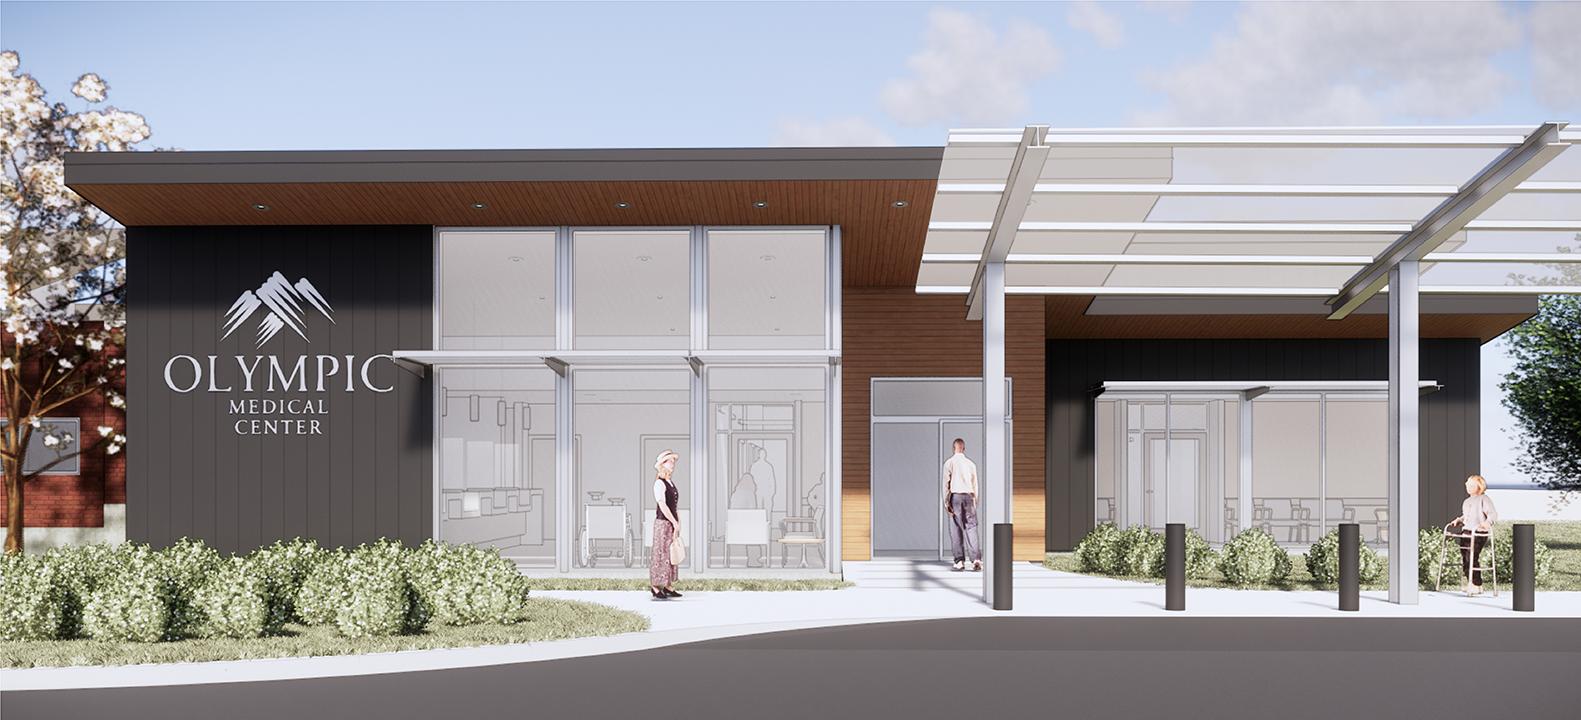 Olympic Medical Center, Coates Design Architects, Seattle WA